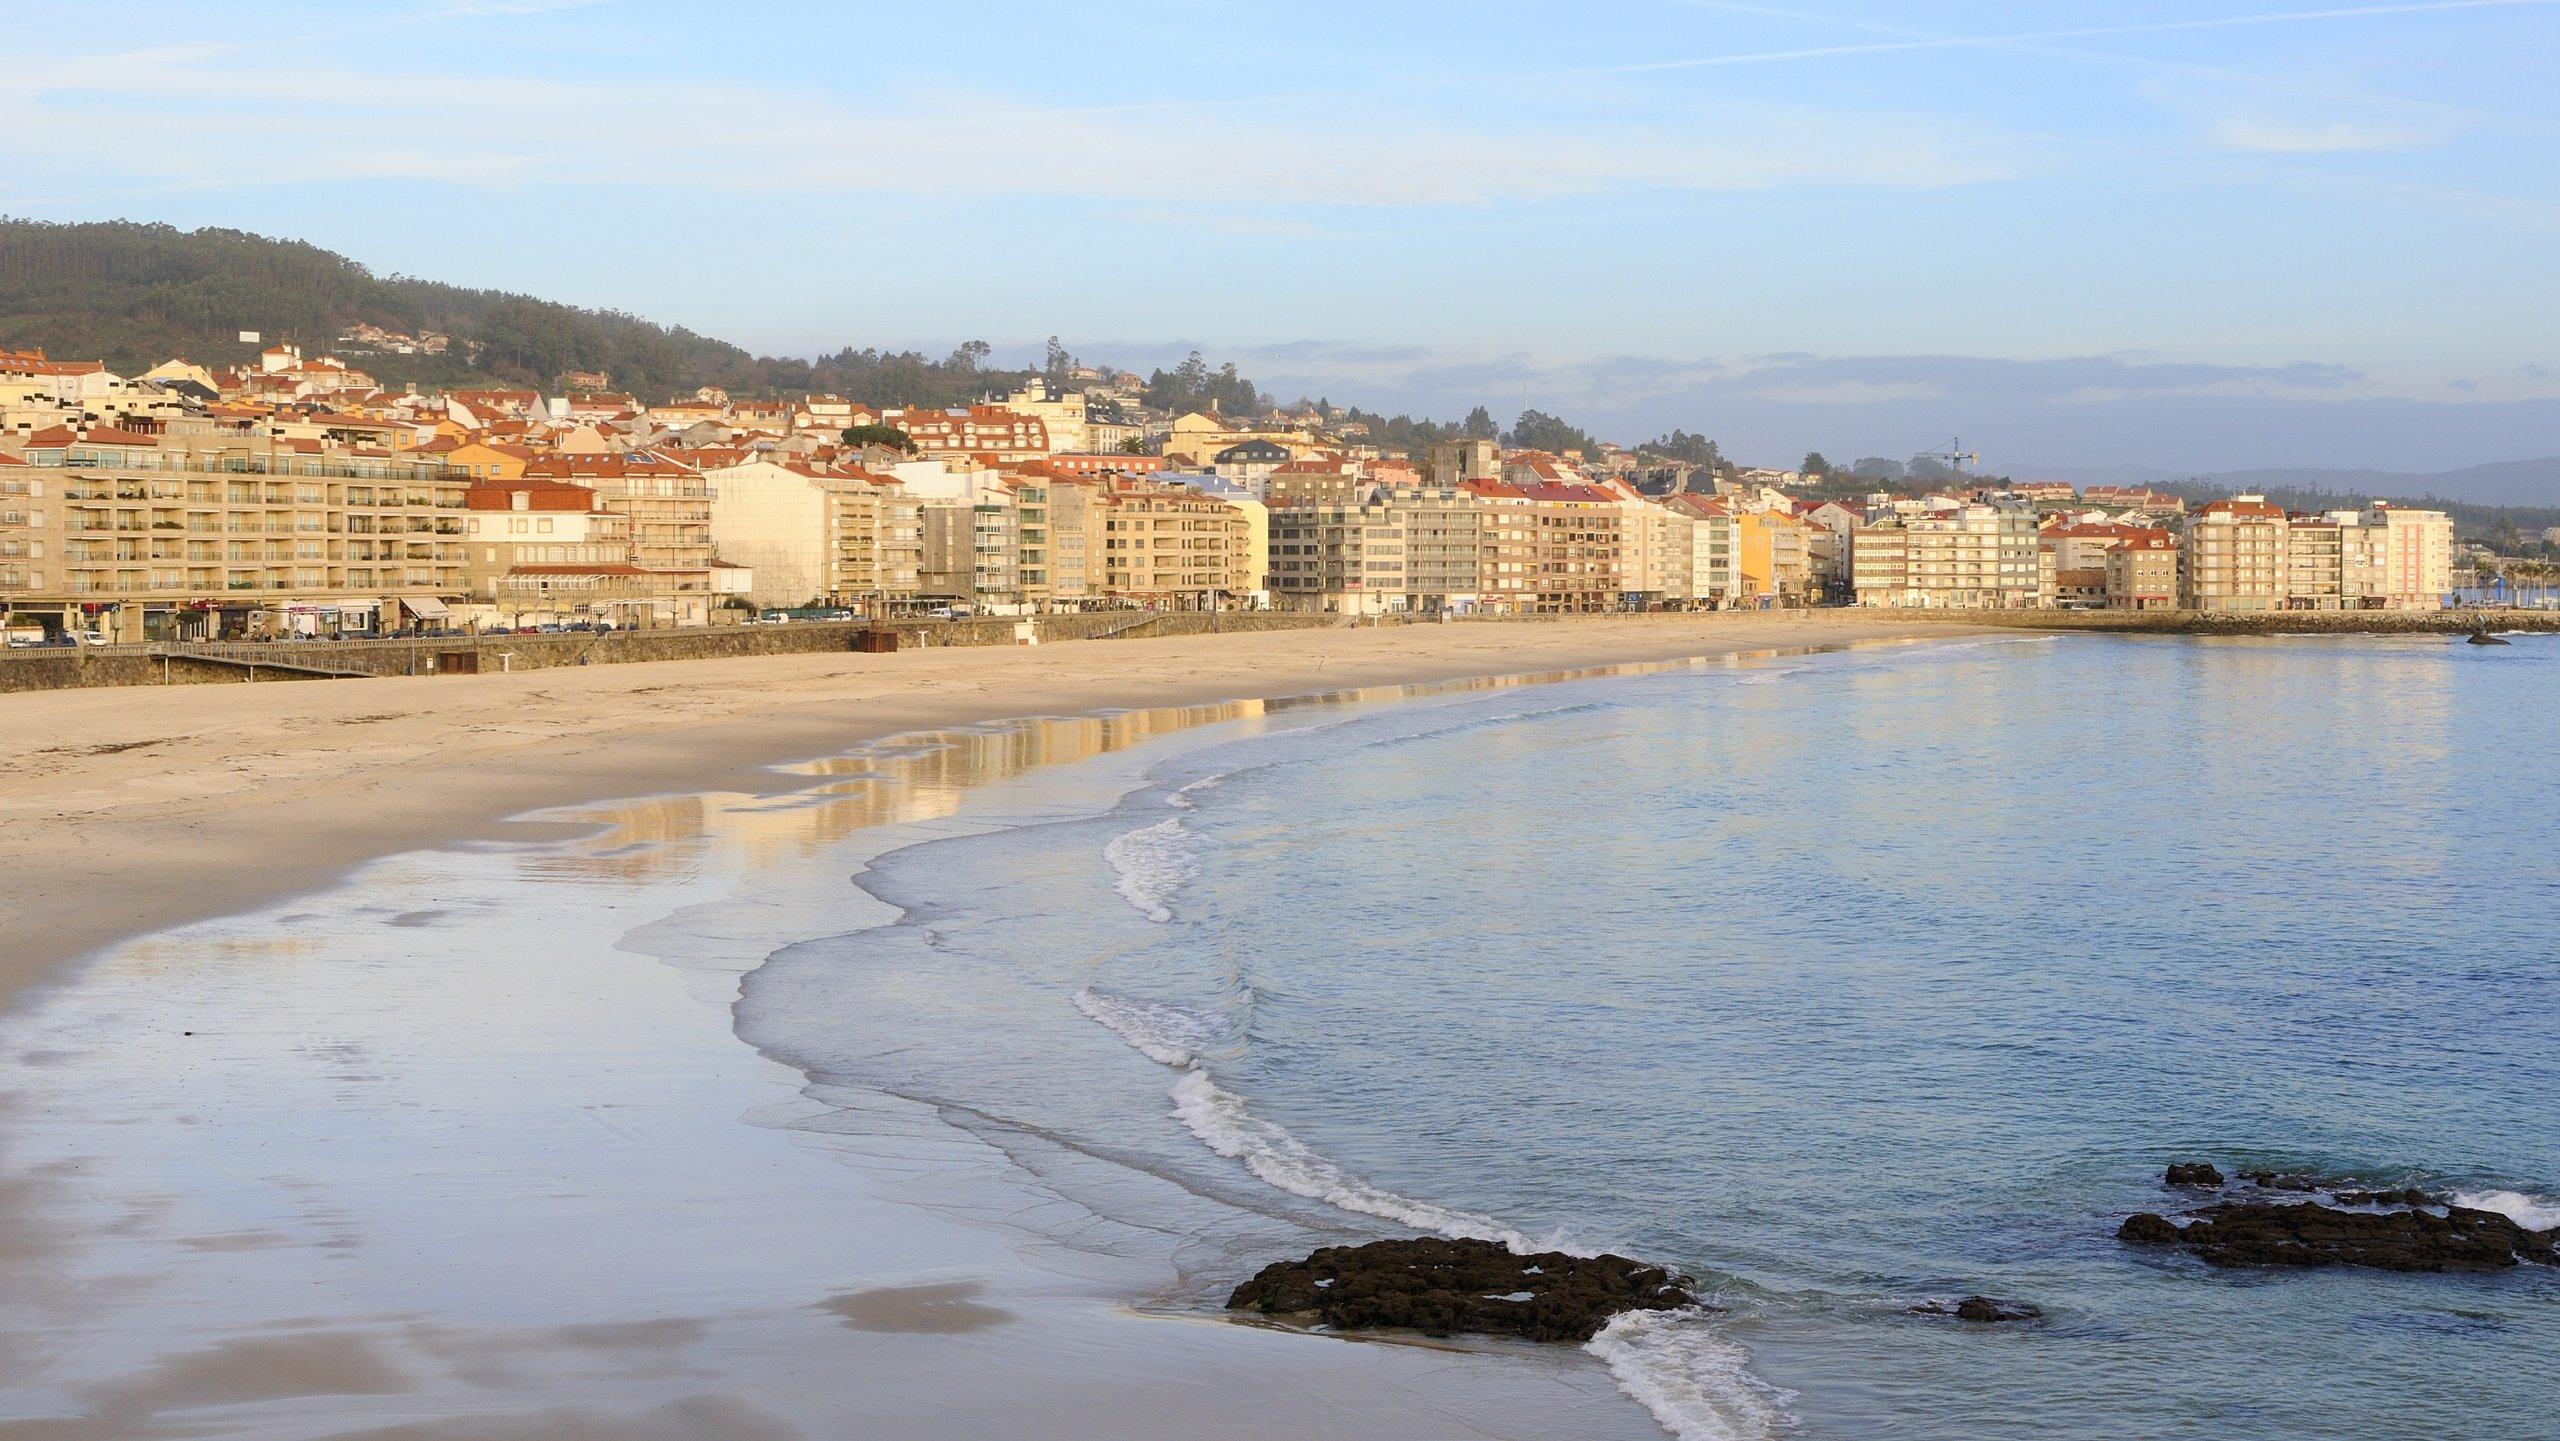 Sanxenxo, Galicia, Spain